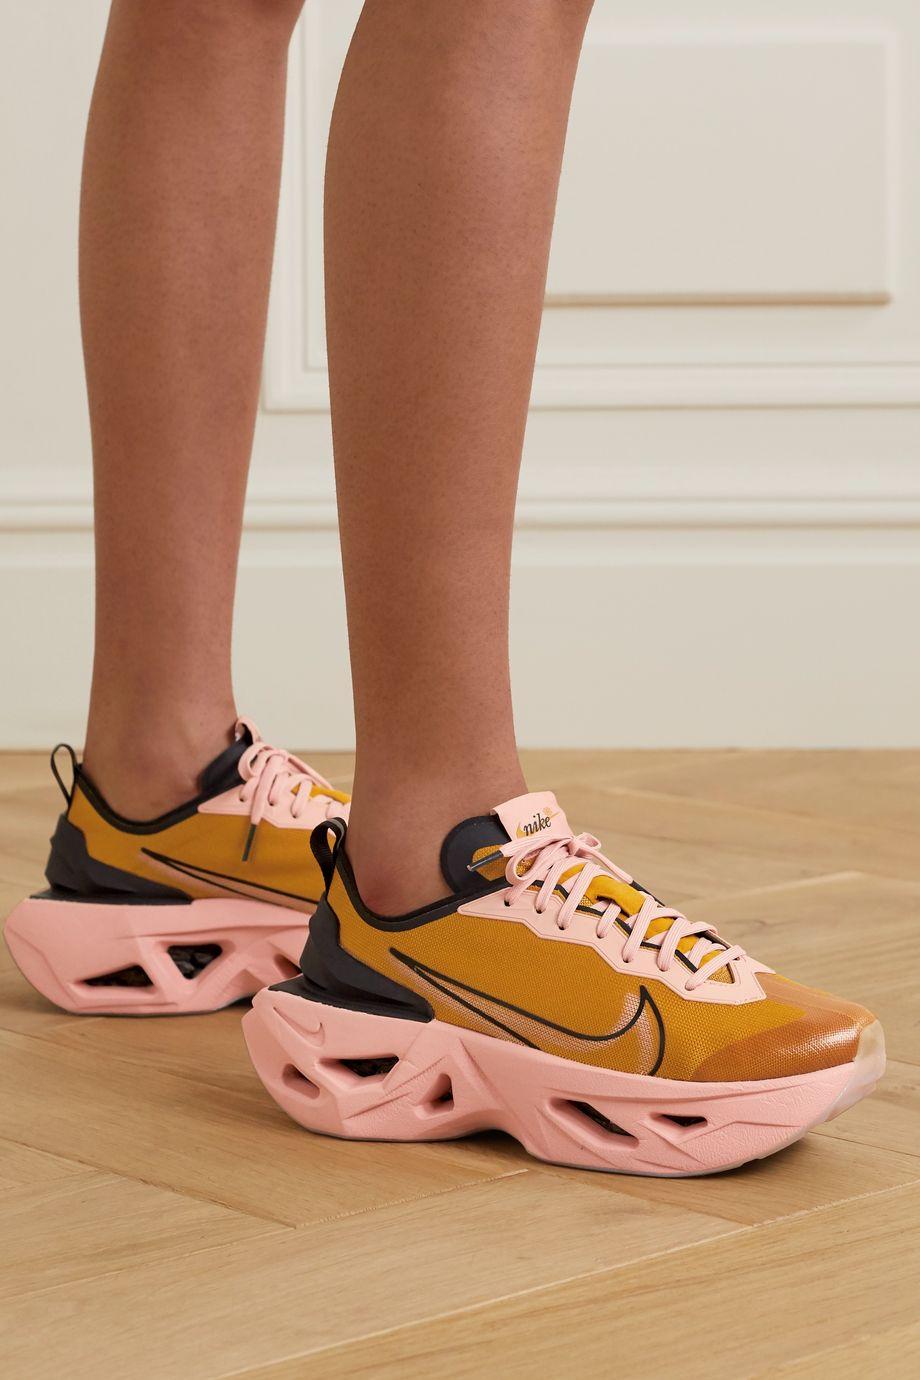 Nike ZoomX Vista Grind mesh sneakers